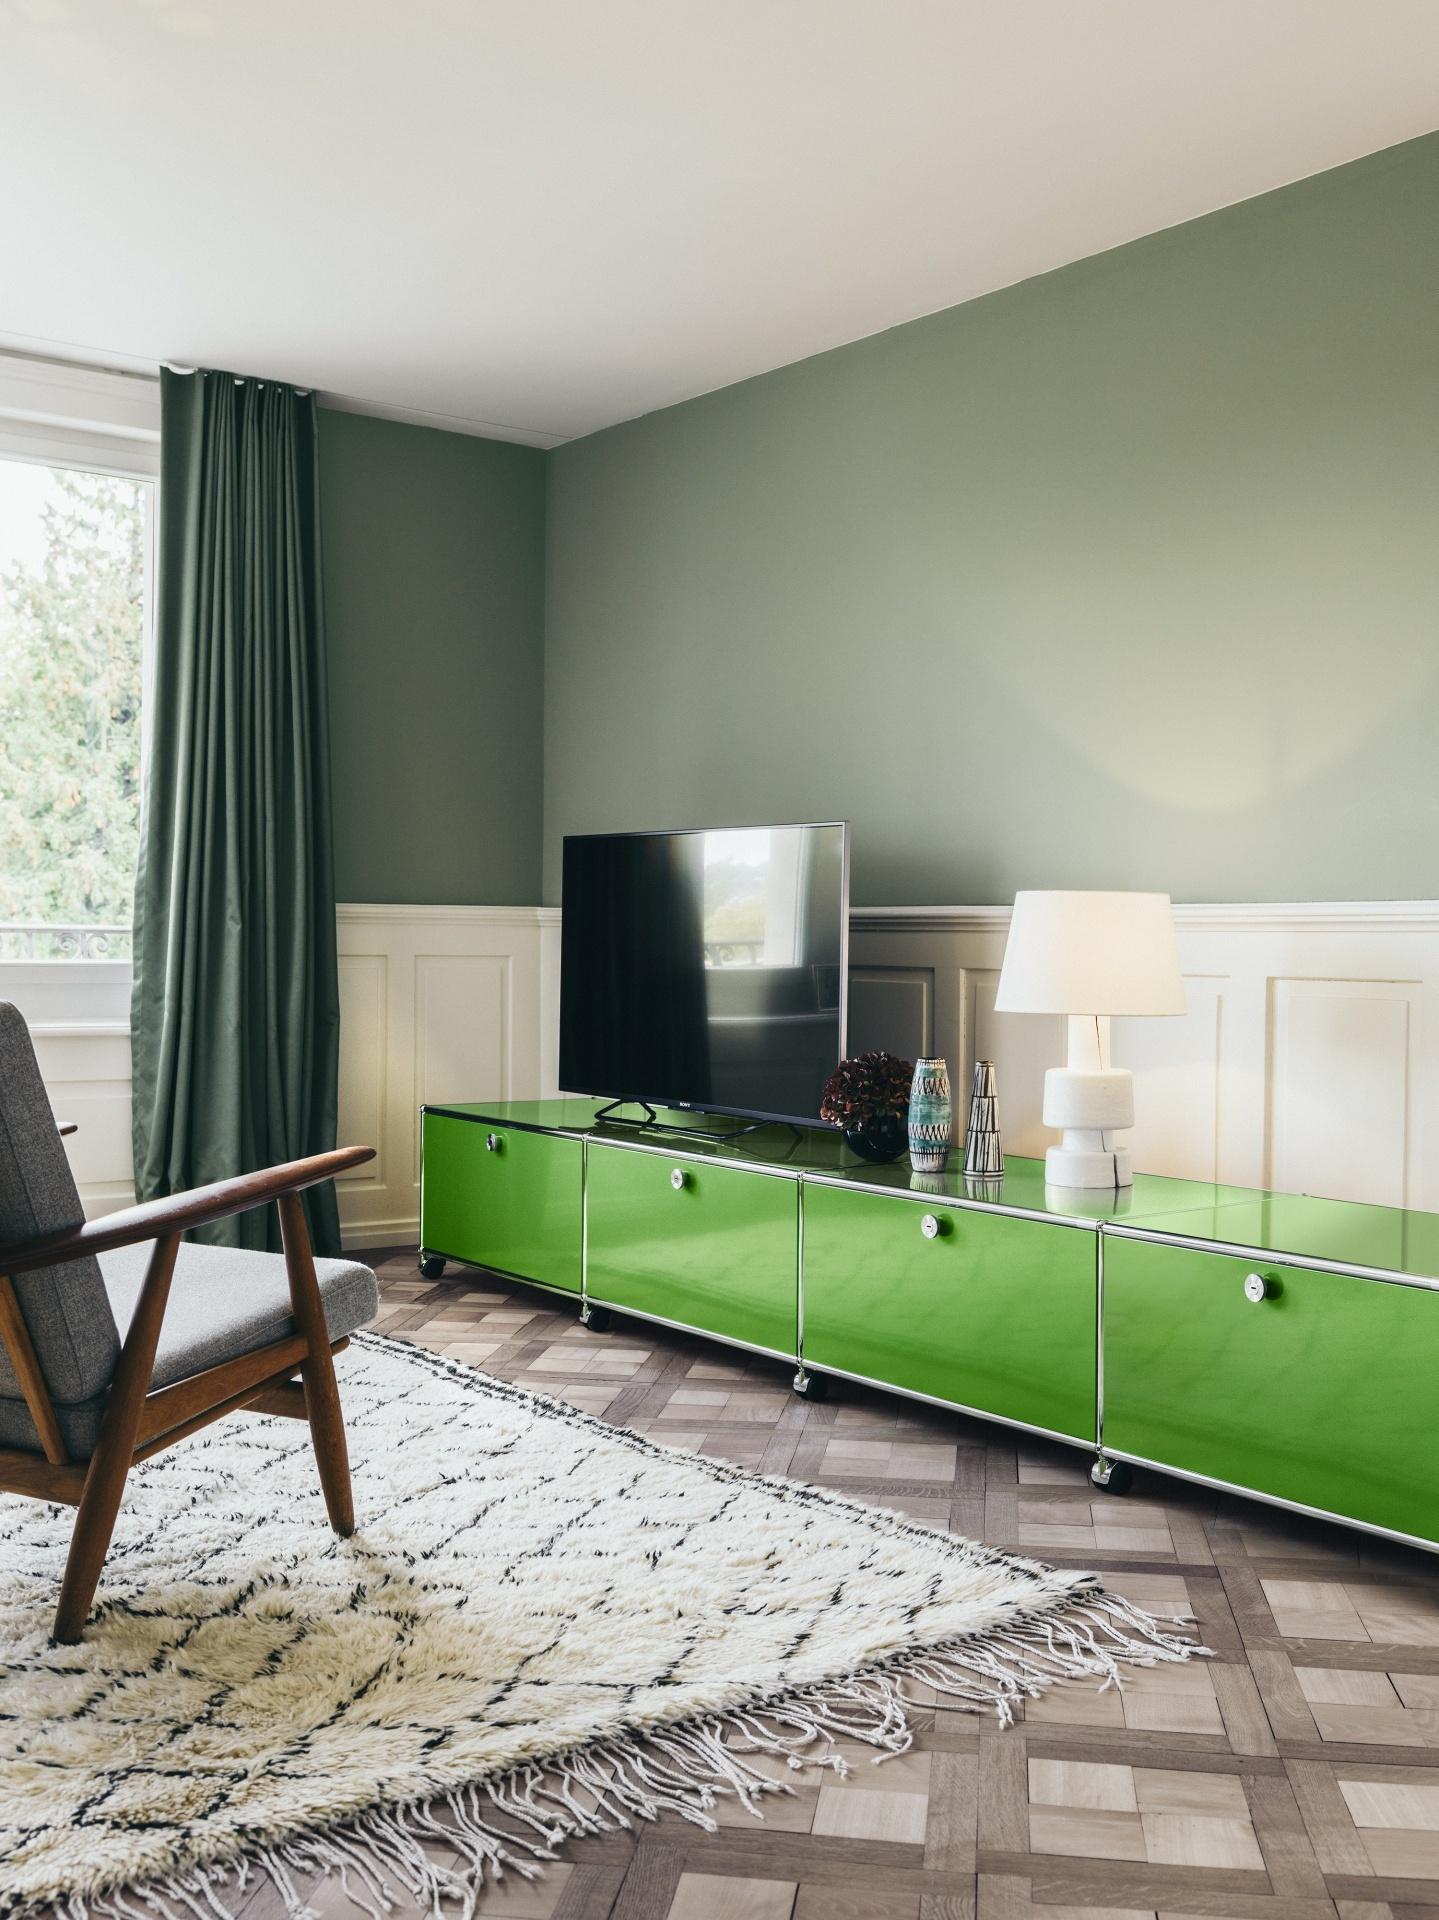 apfelgrn wandfarbe design wohnzimmer braun beige streichen streichen with apfelgrn wandfarbe. Black Bedroom Furniture Sets. Home Design Ideas